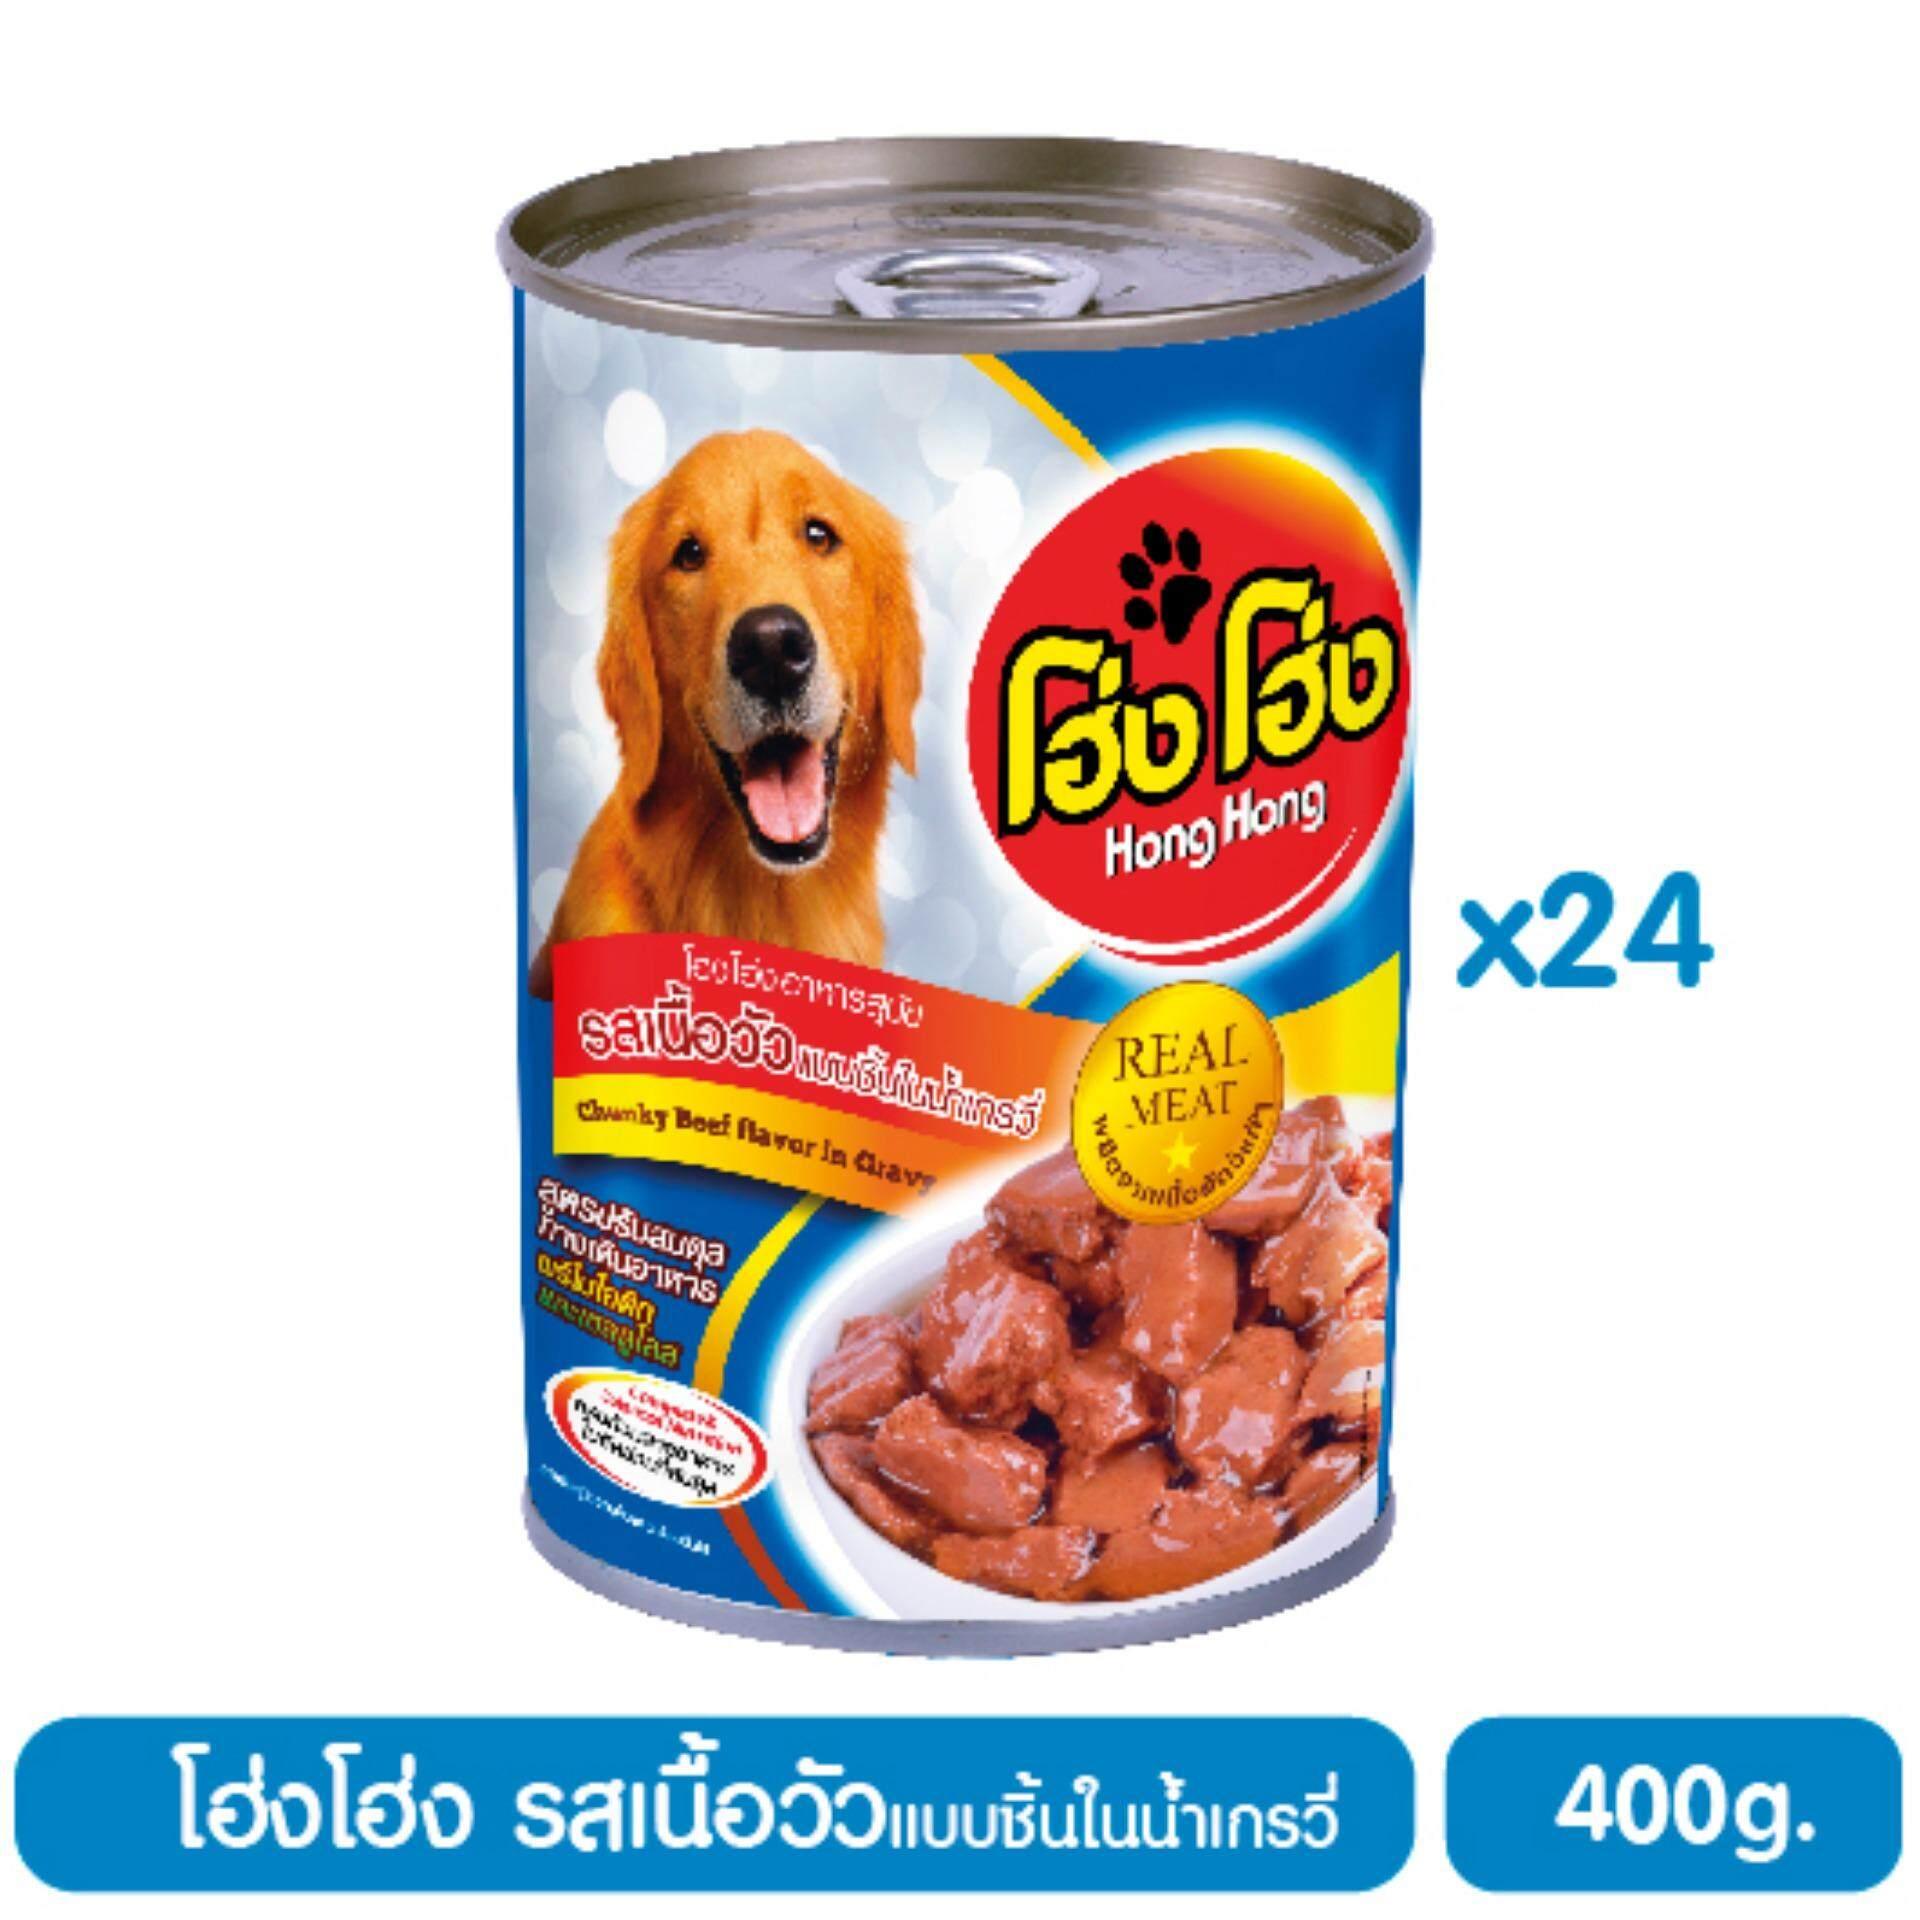 ราคา Hong Hong โฮ่ง โฮ่ง อาหารสุนัข รสเนื้อวัวแบบชิ้นในน้ำเกรวี่ 400 G X 24 กระป๋อง ใหม่